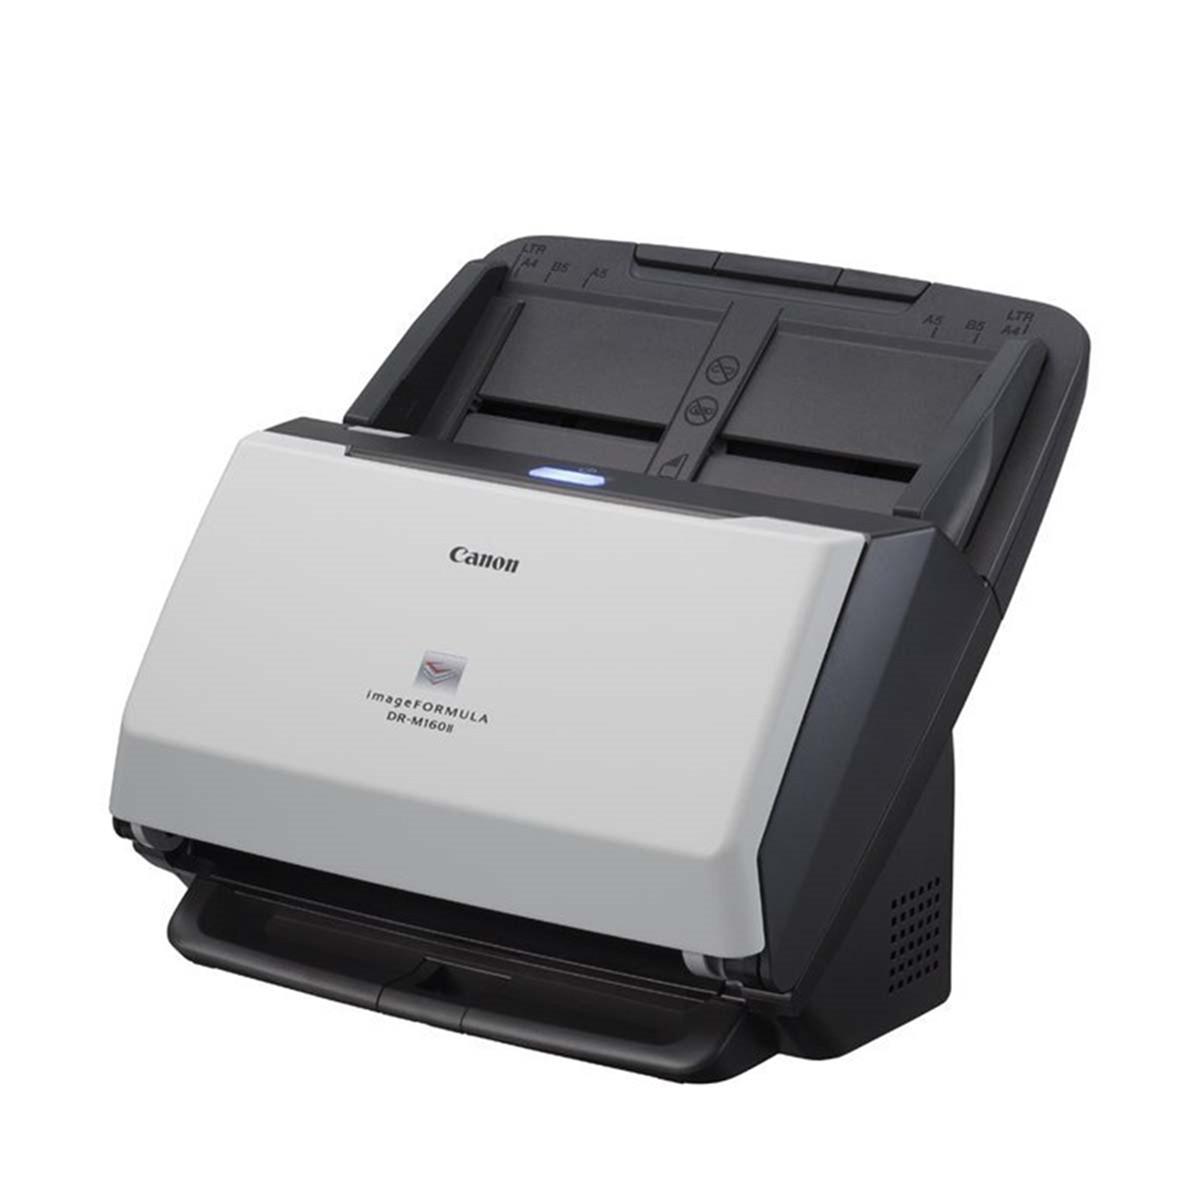 Scanner Canon imageFORMULA DR-M160II | Conexão USB Até Tamanho Ofício ADF para 60 Folhas | 120V